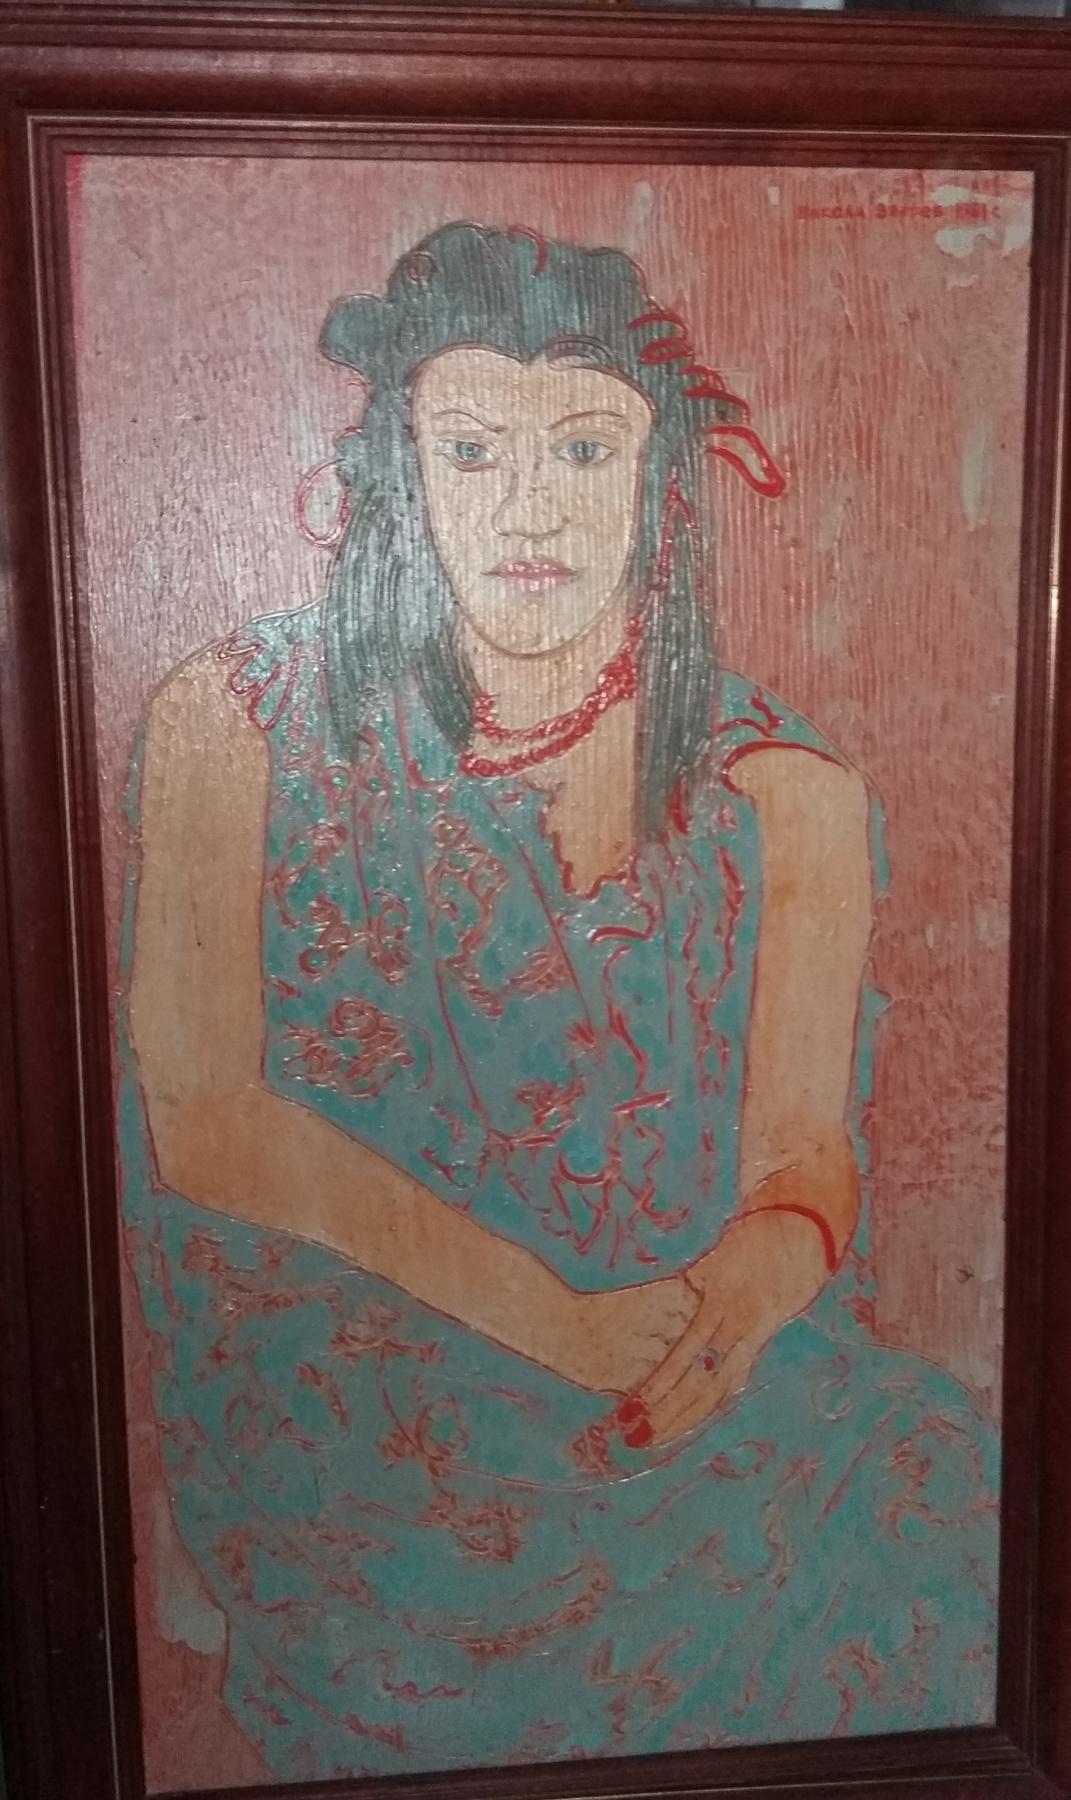 Nikolay Zverev. The girl in the beads